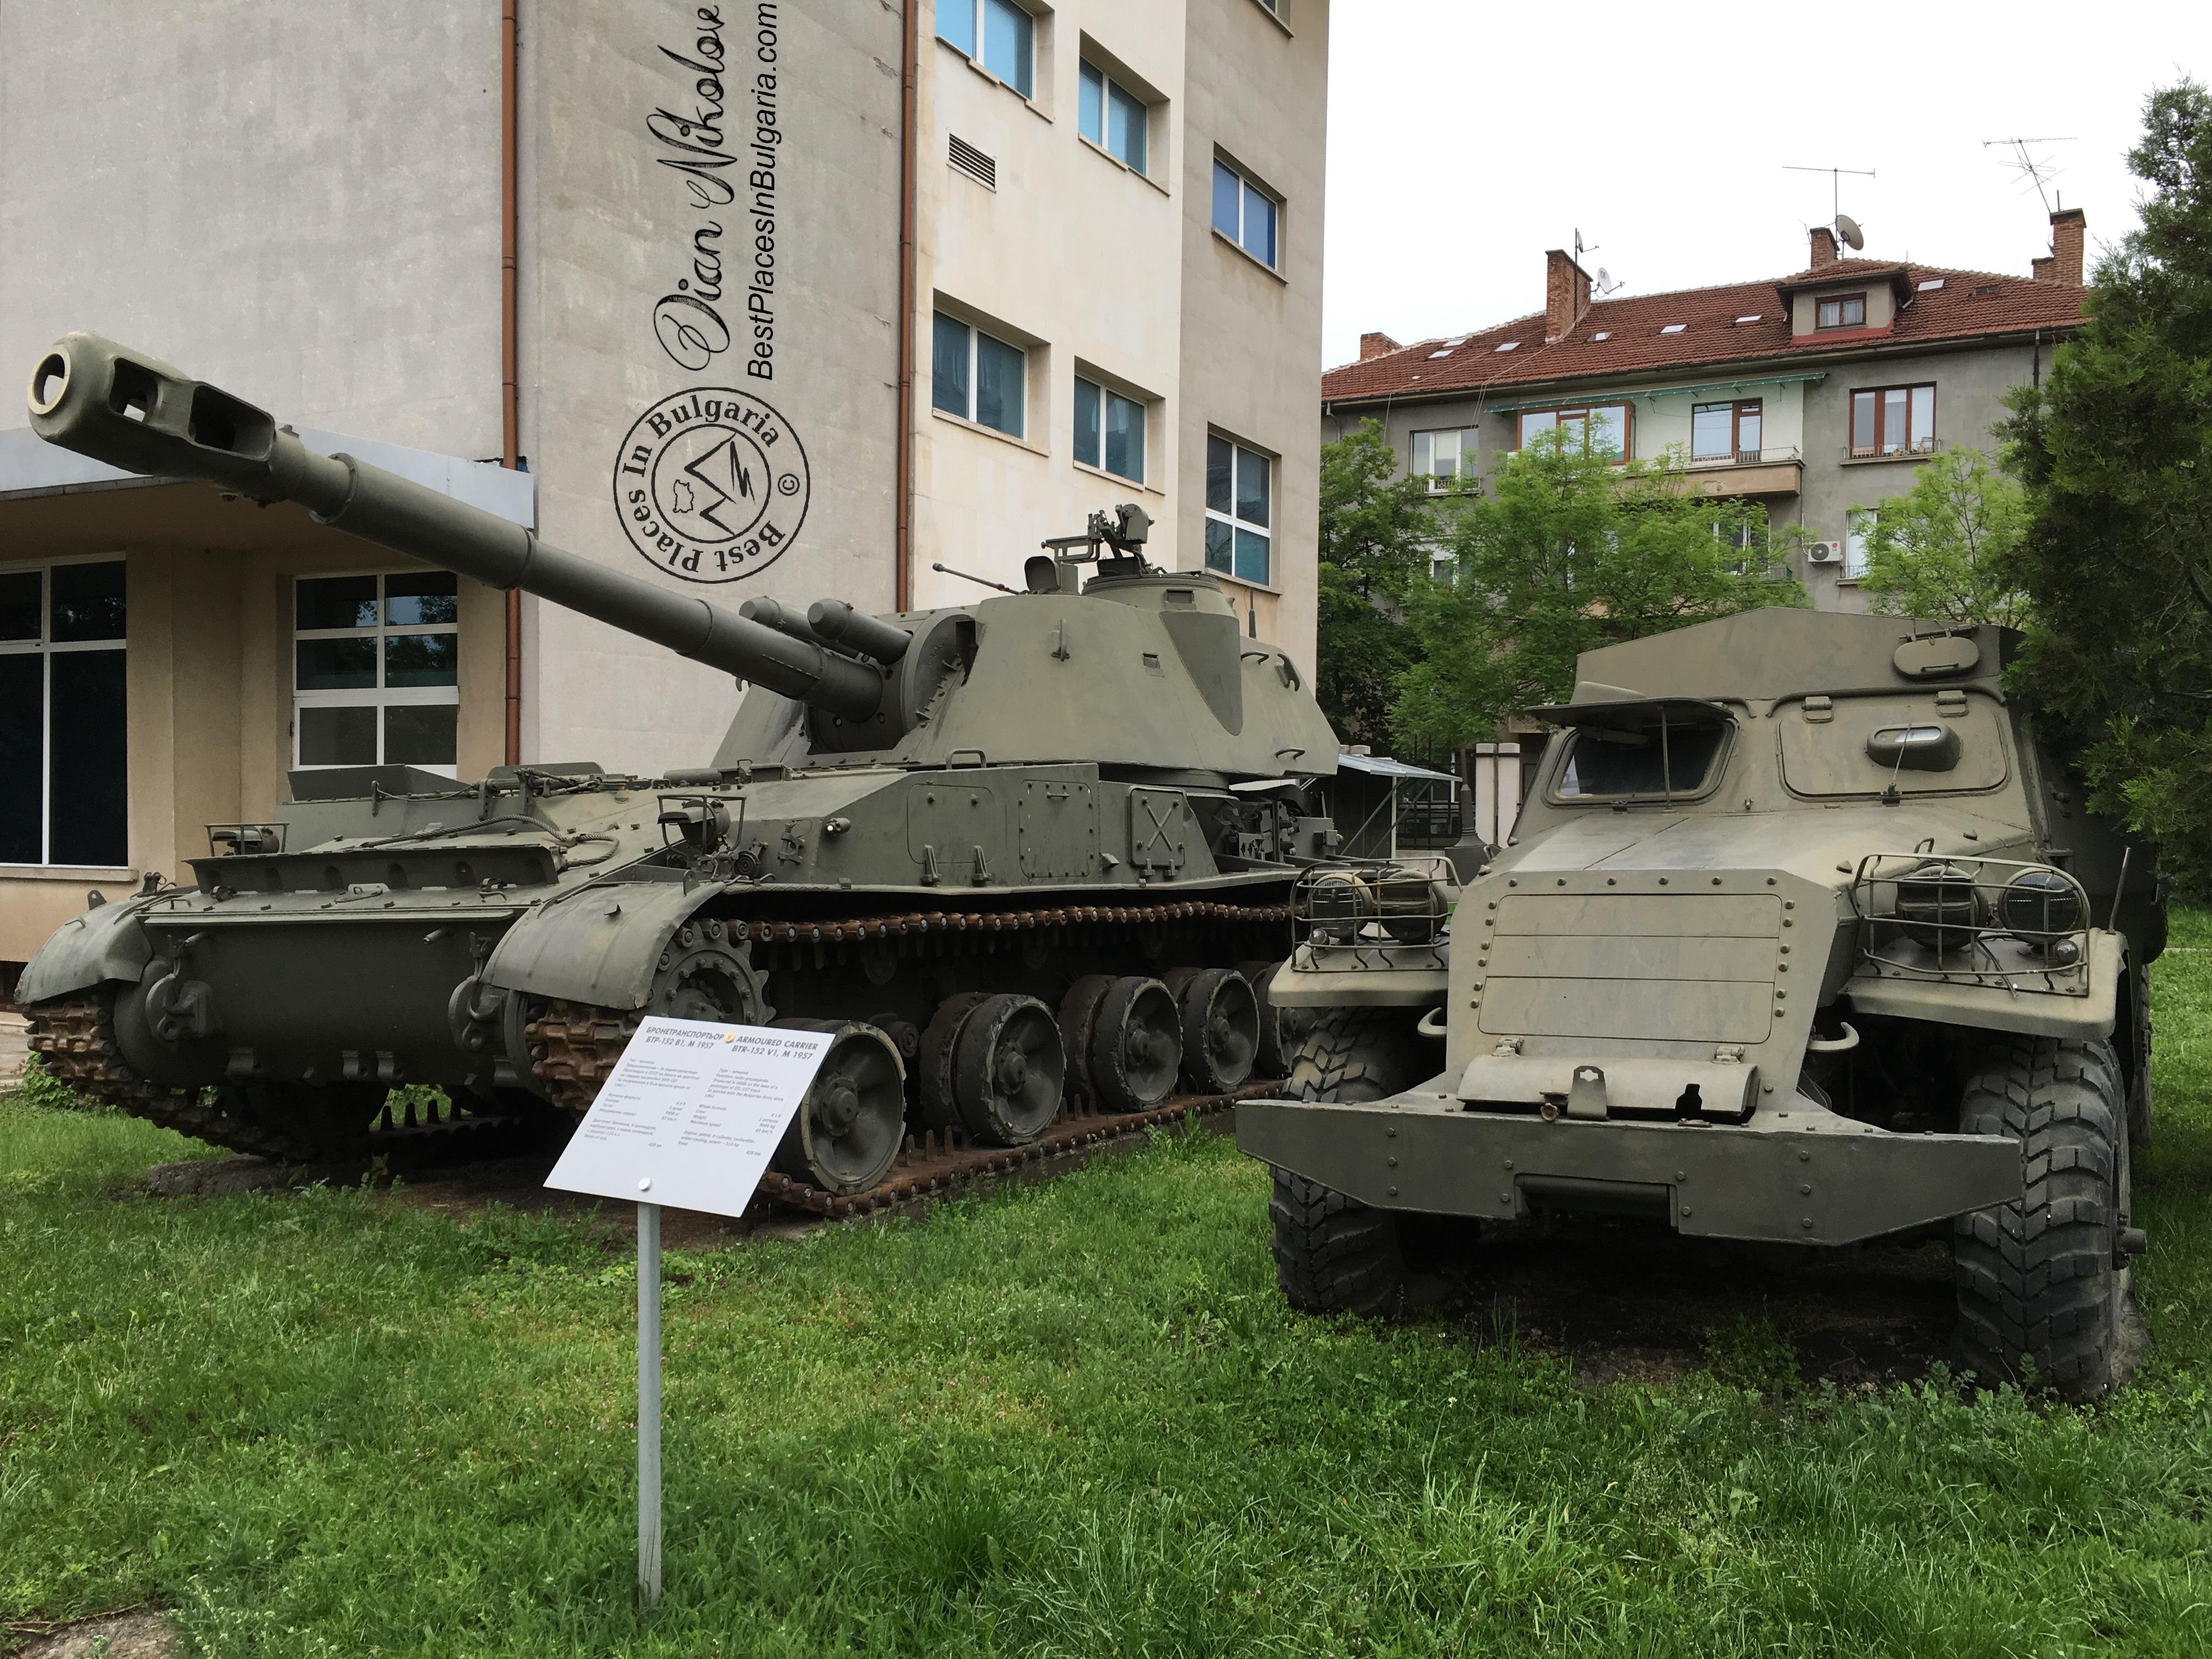 Nacionalen Voennoistoricheski Muzej Sofiya The Best Places In